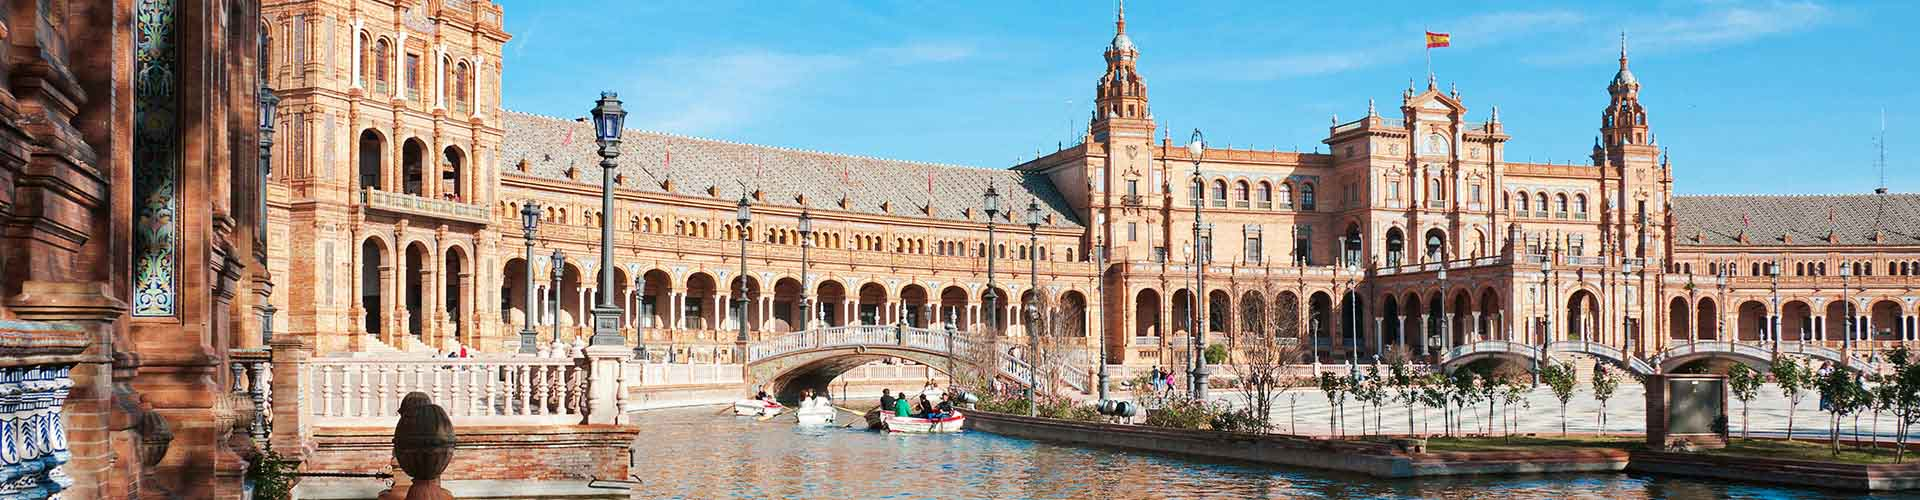 Seville - Hôtels à Seville. Cartes pour Seville, photos et commentaires pour chaque hôtel à Seville.